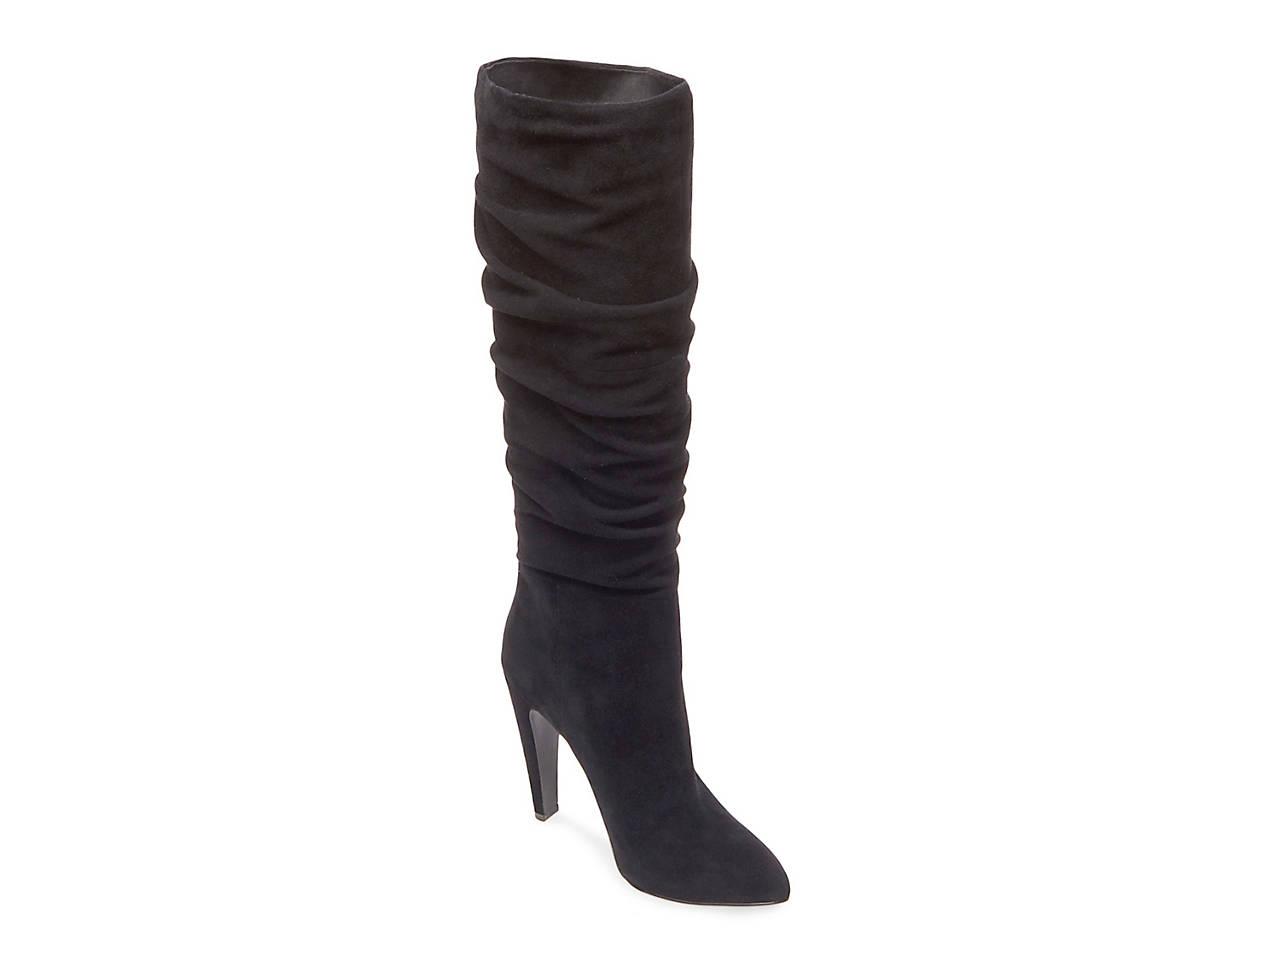 883213f04da Steve Madden Carrie Boot Women s Shoes